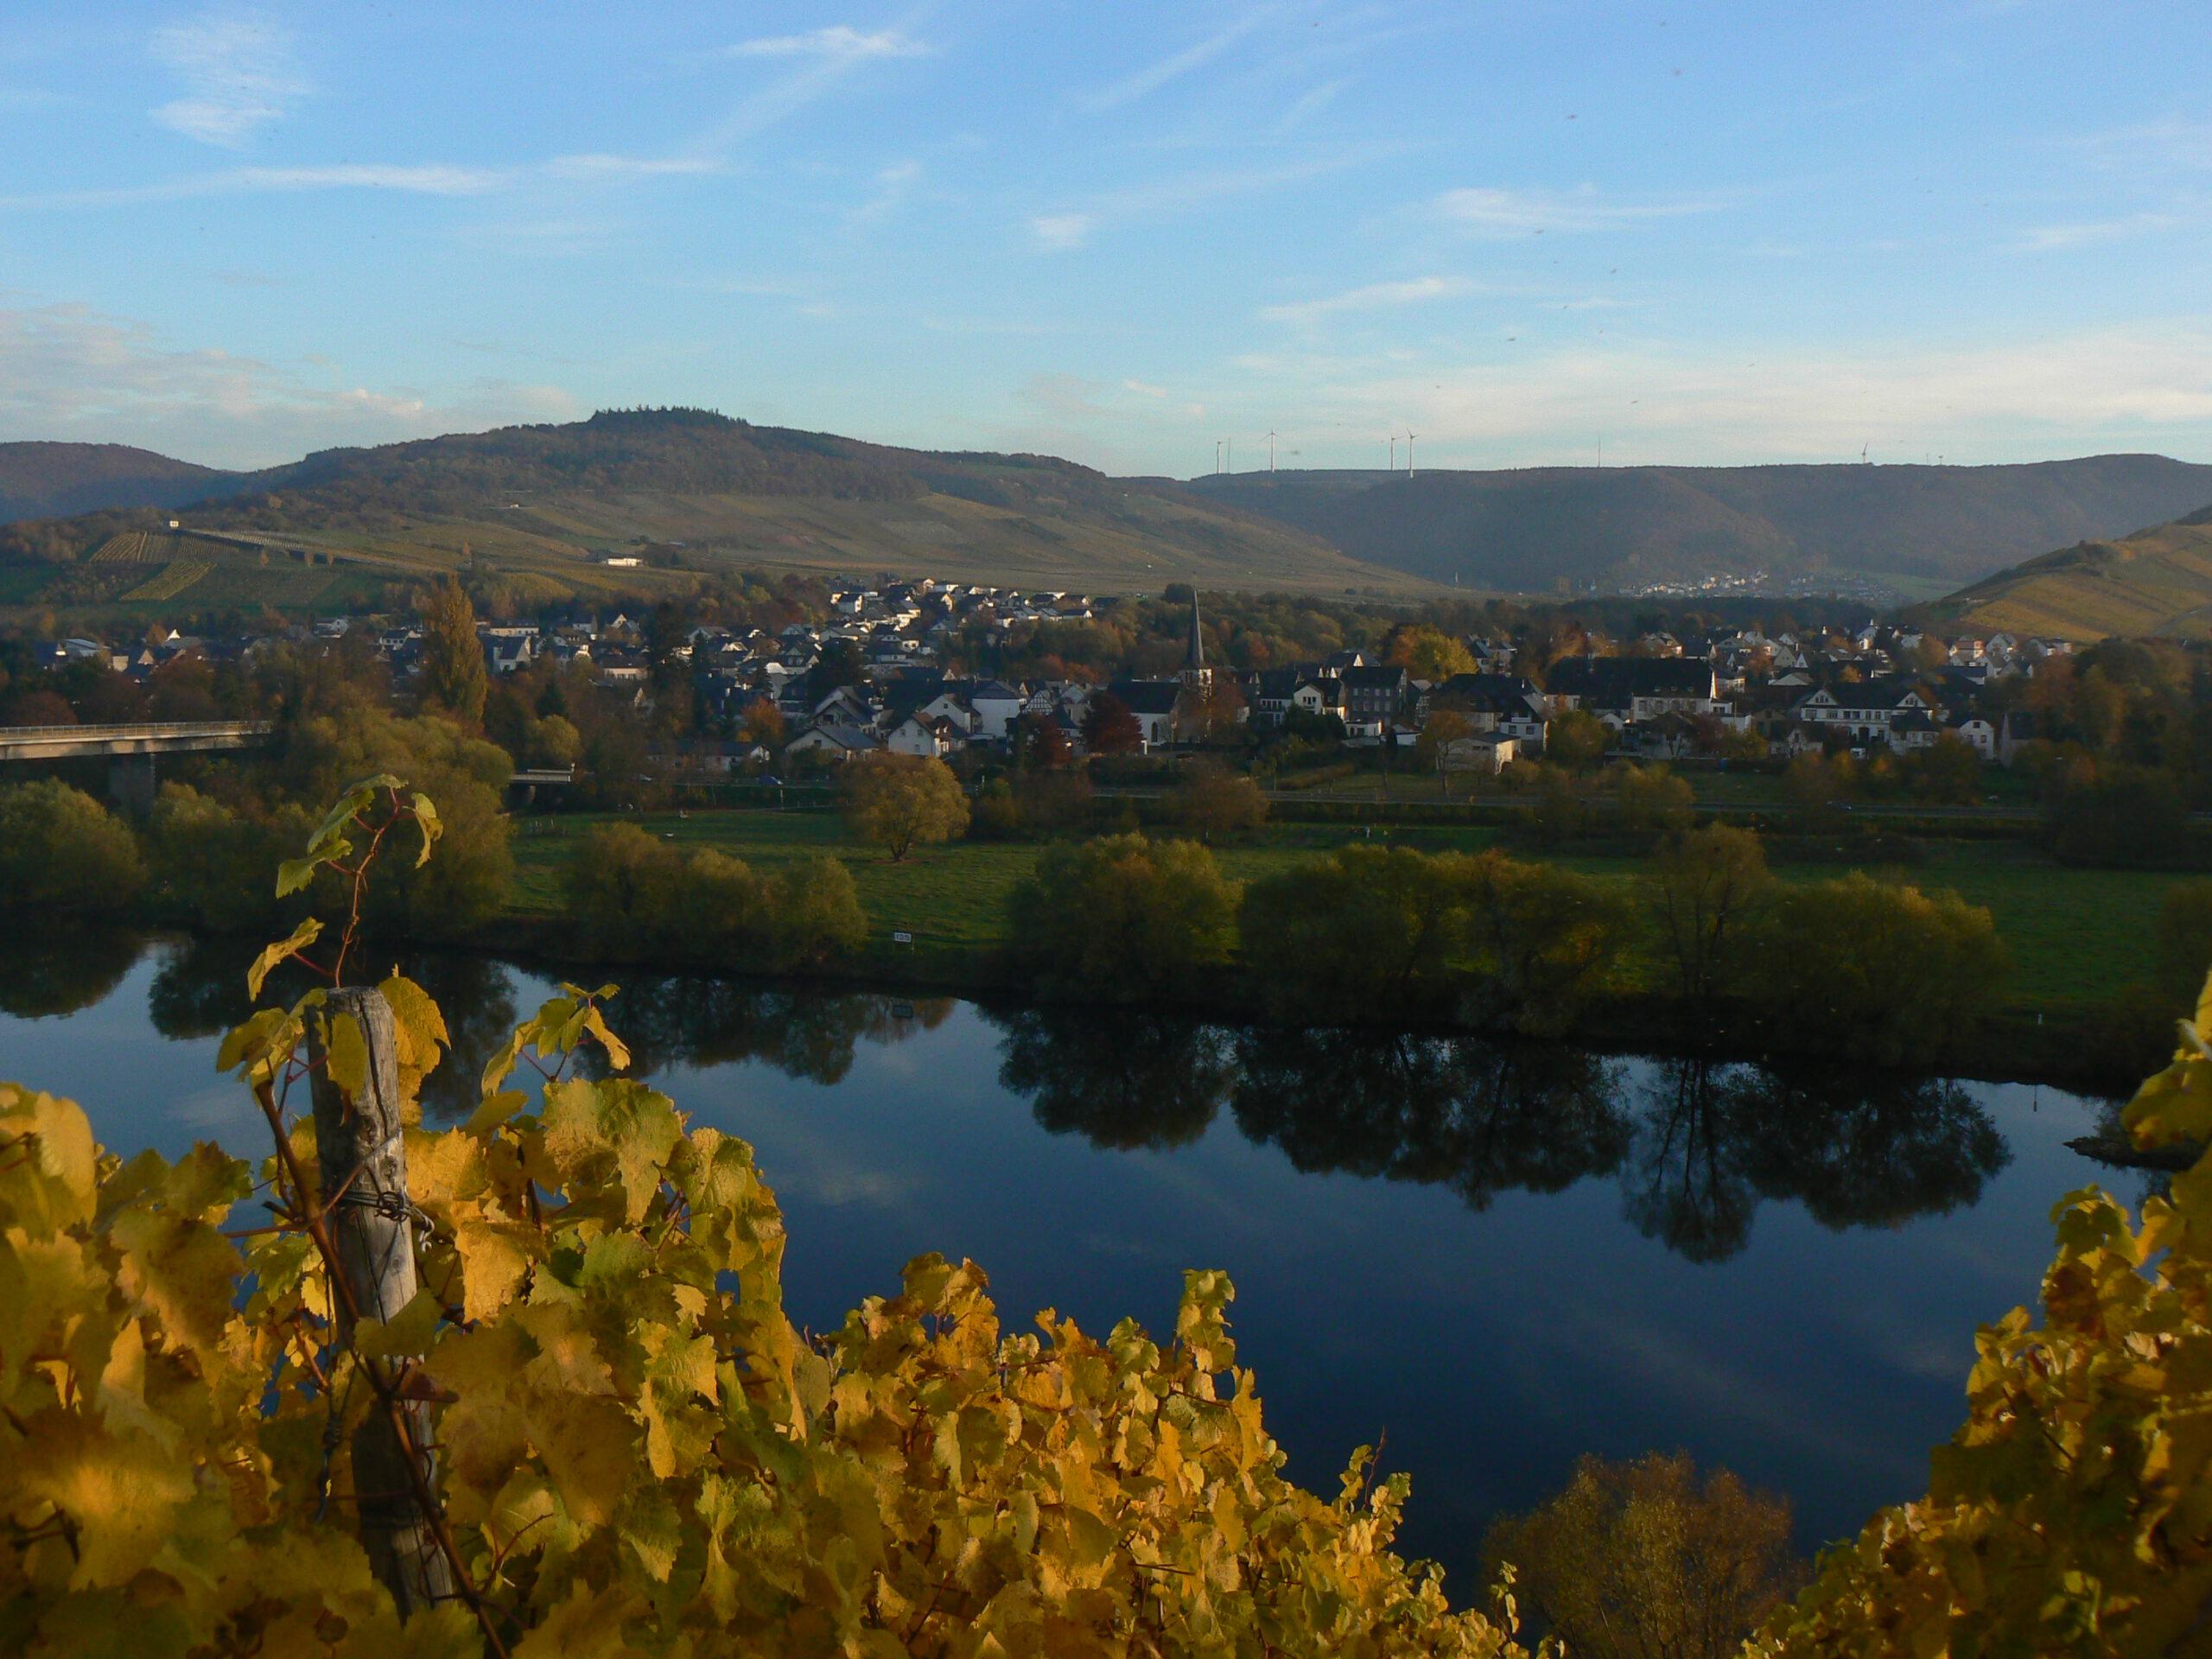 Herbst in Mülheim